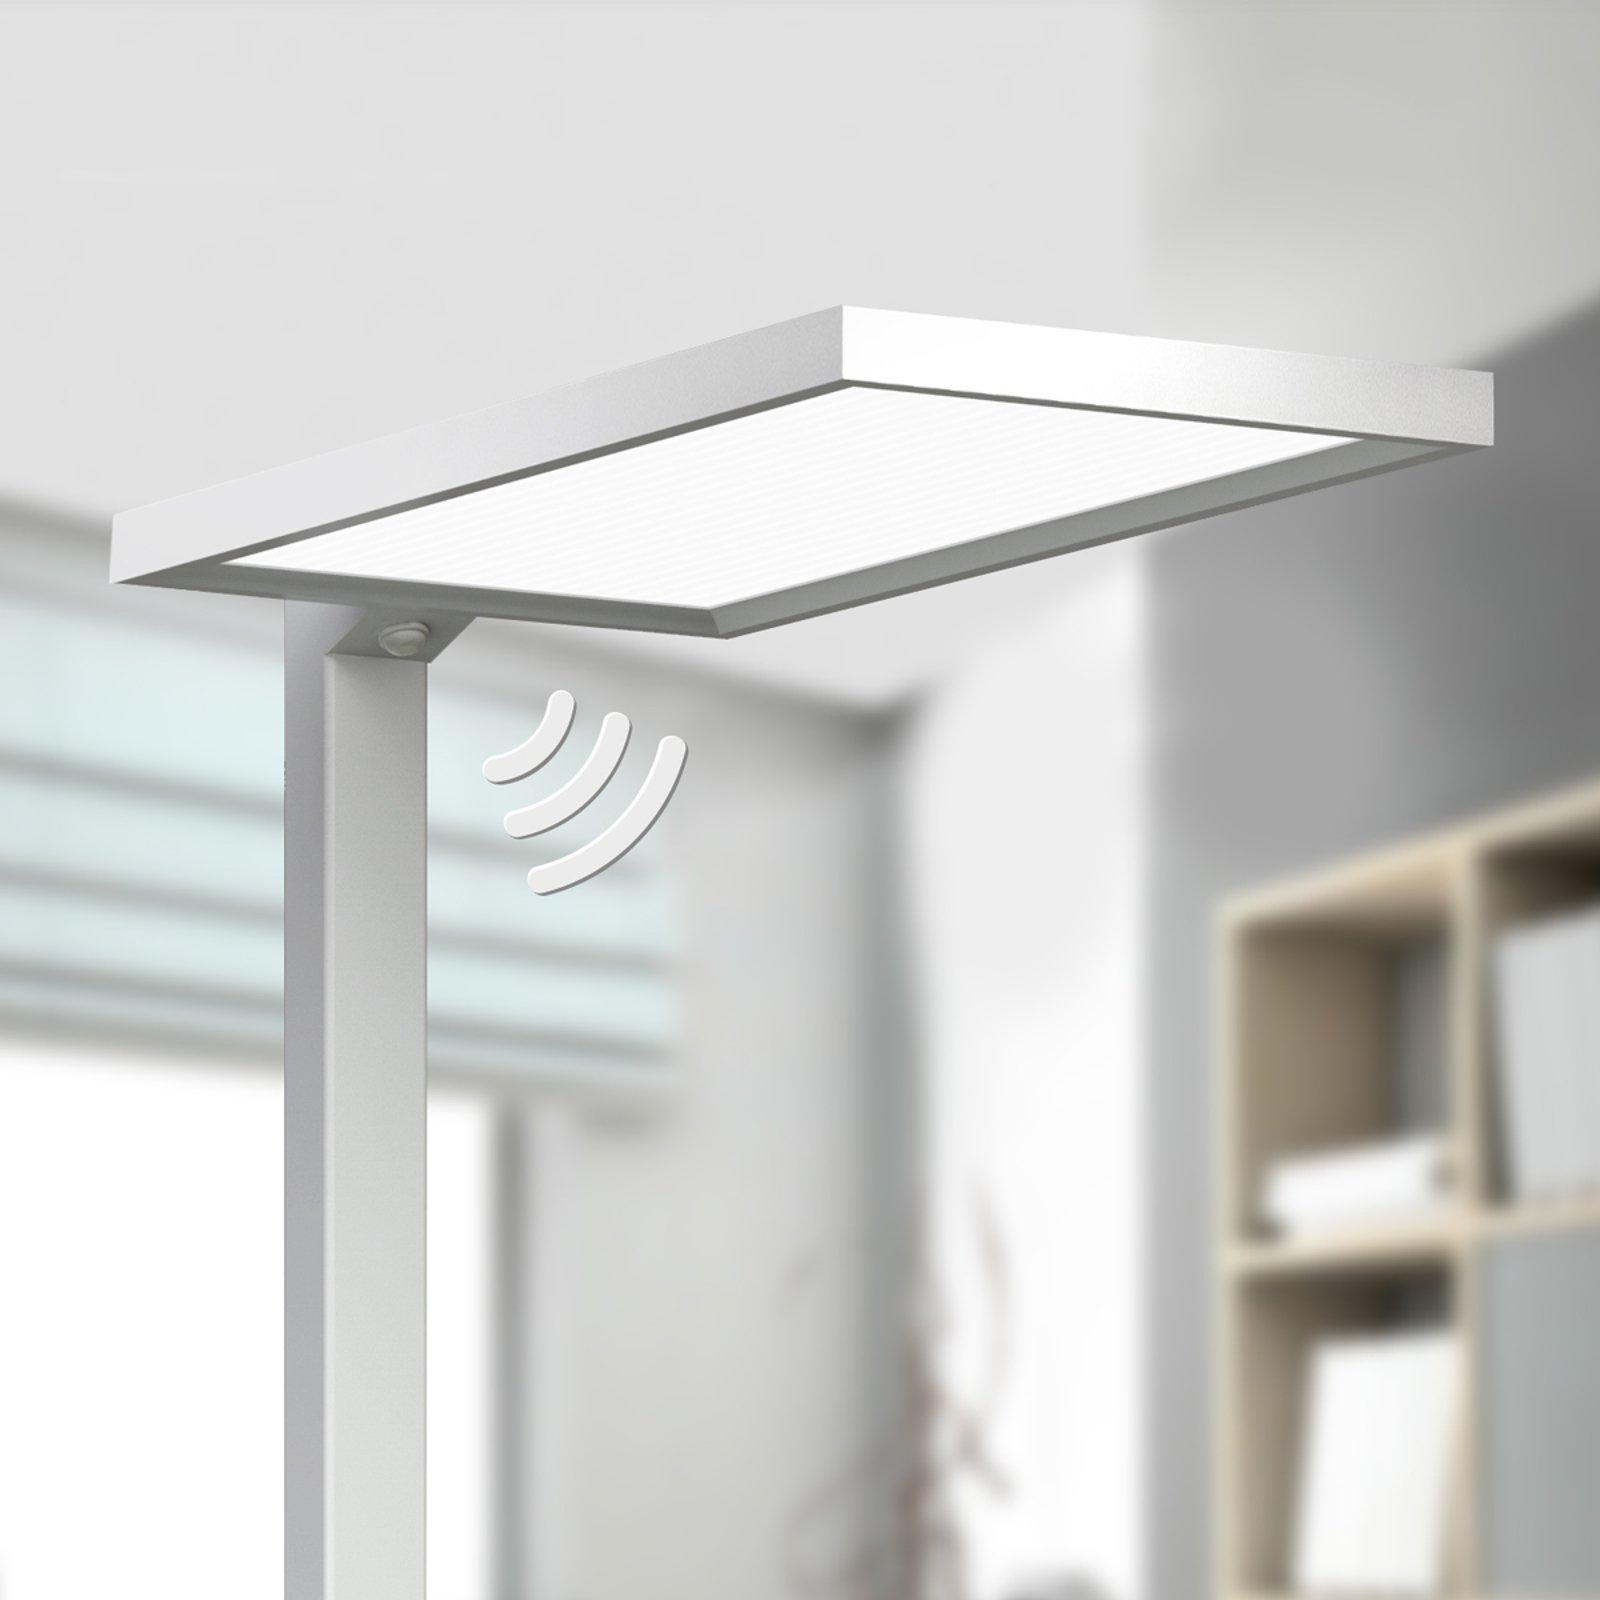 Sølvfarget LED-stålampe Dorean til kontoret